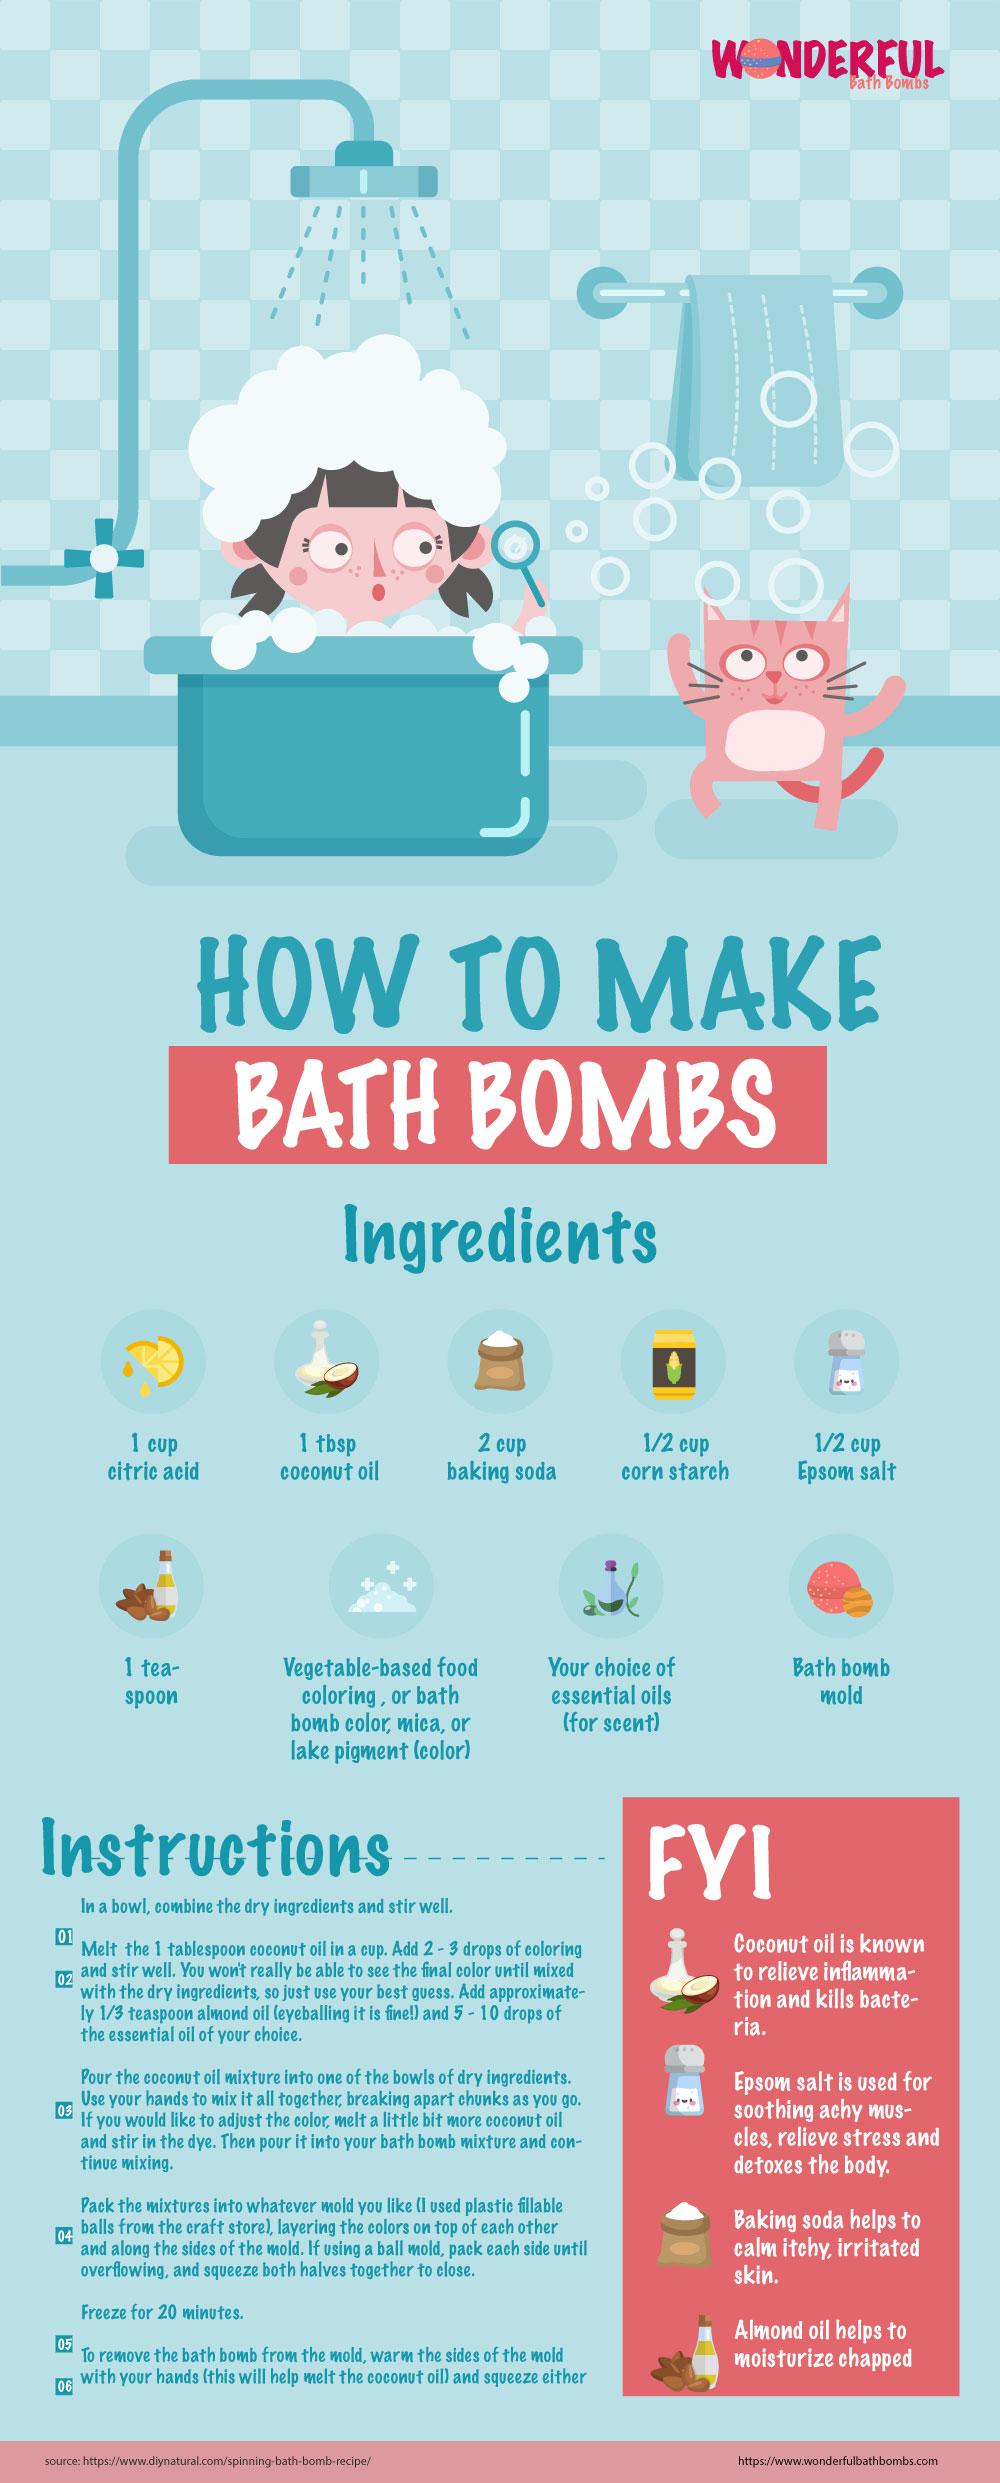 how-to-make-bath-bombs-wonderful.jpg